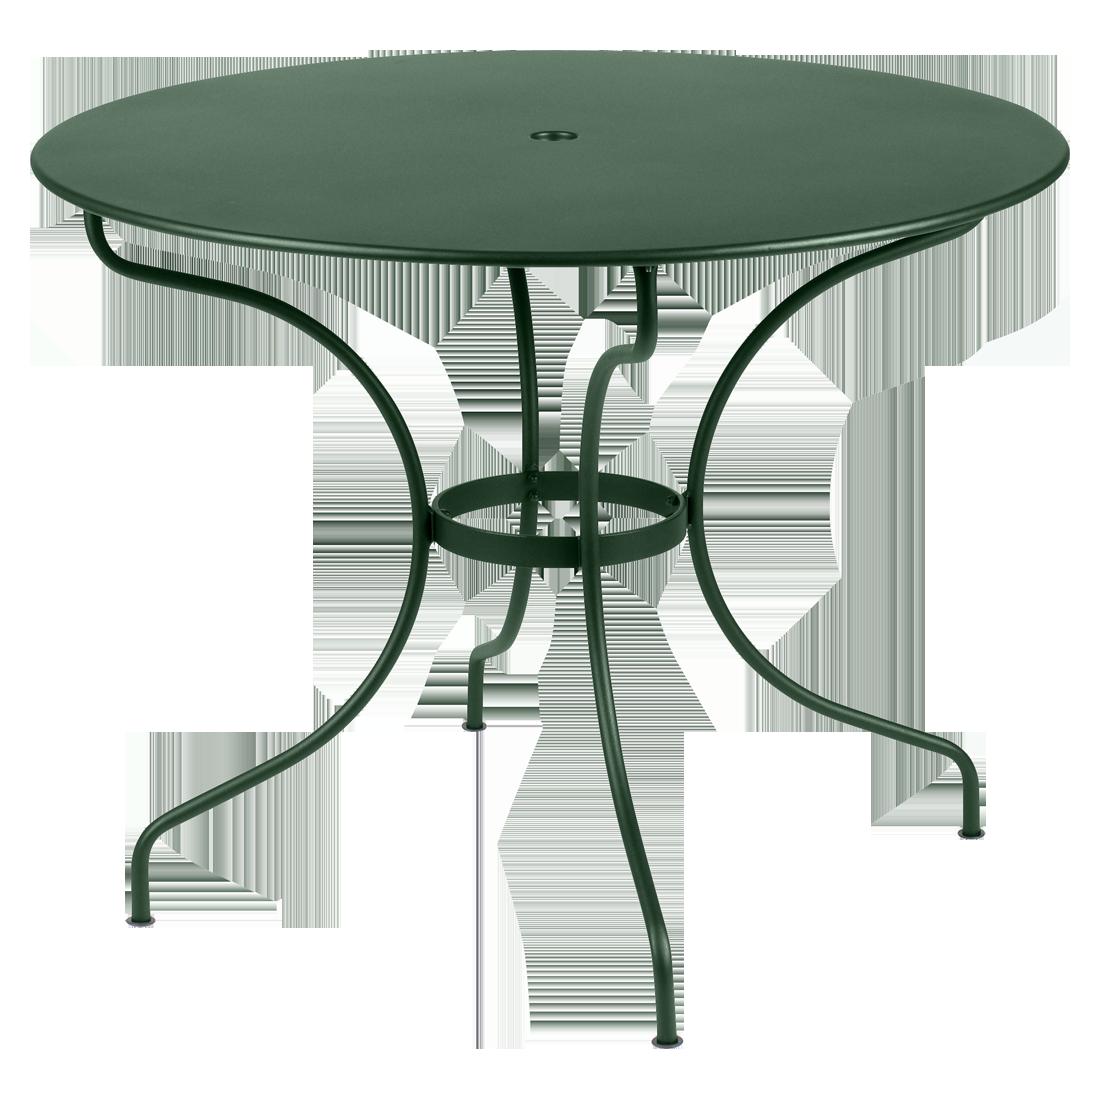 Jetzt Bei Desigano Com Opera Tisch Rund Gartenmobel Gartentische Von Fermob Ab Euro 229 00 Leichtigkeit Und Eleganz Metall Esstisch Gartentisch Metalltische